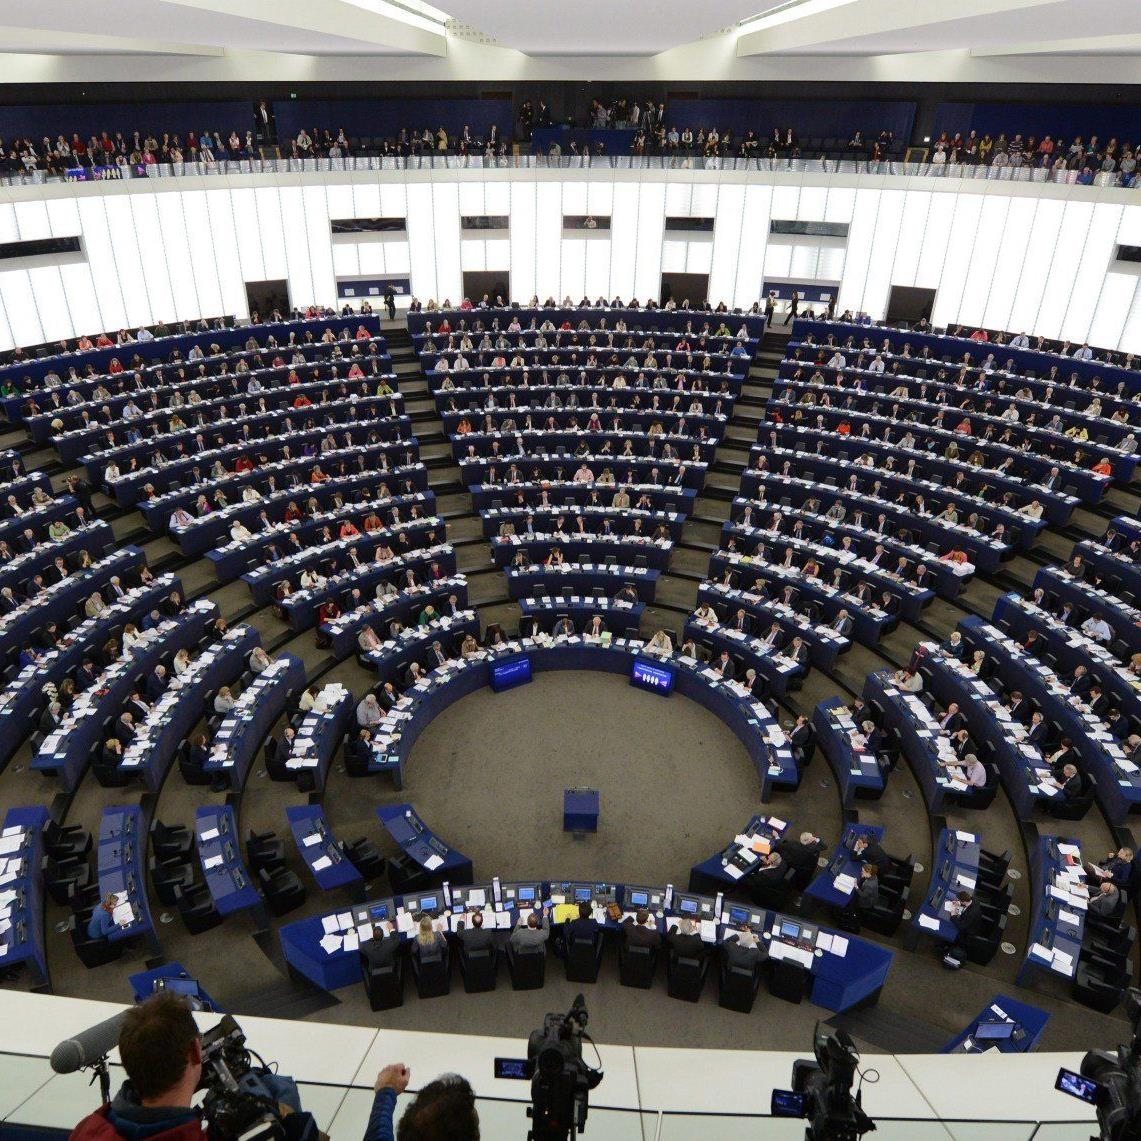 28 unterschiedliche Wahlsysteme und 751 Abgeordnetenplätze im Europaparlament.